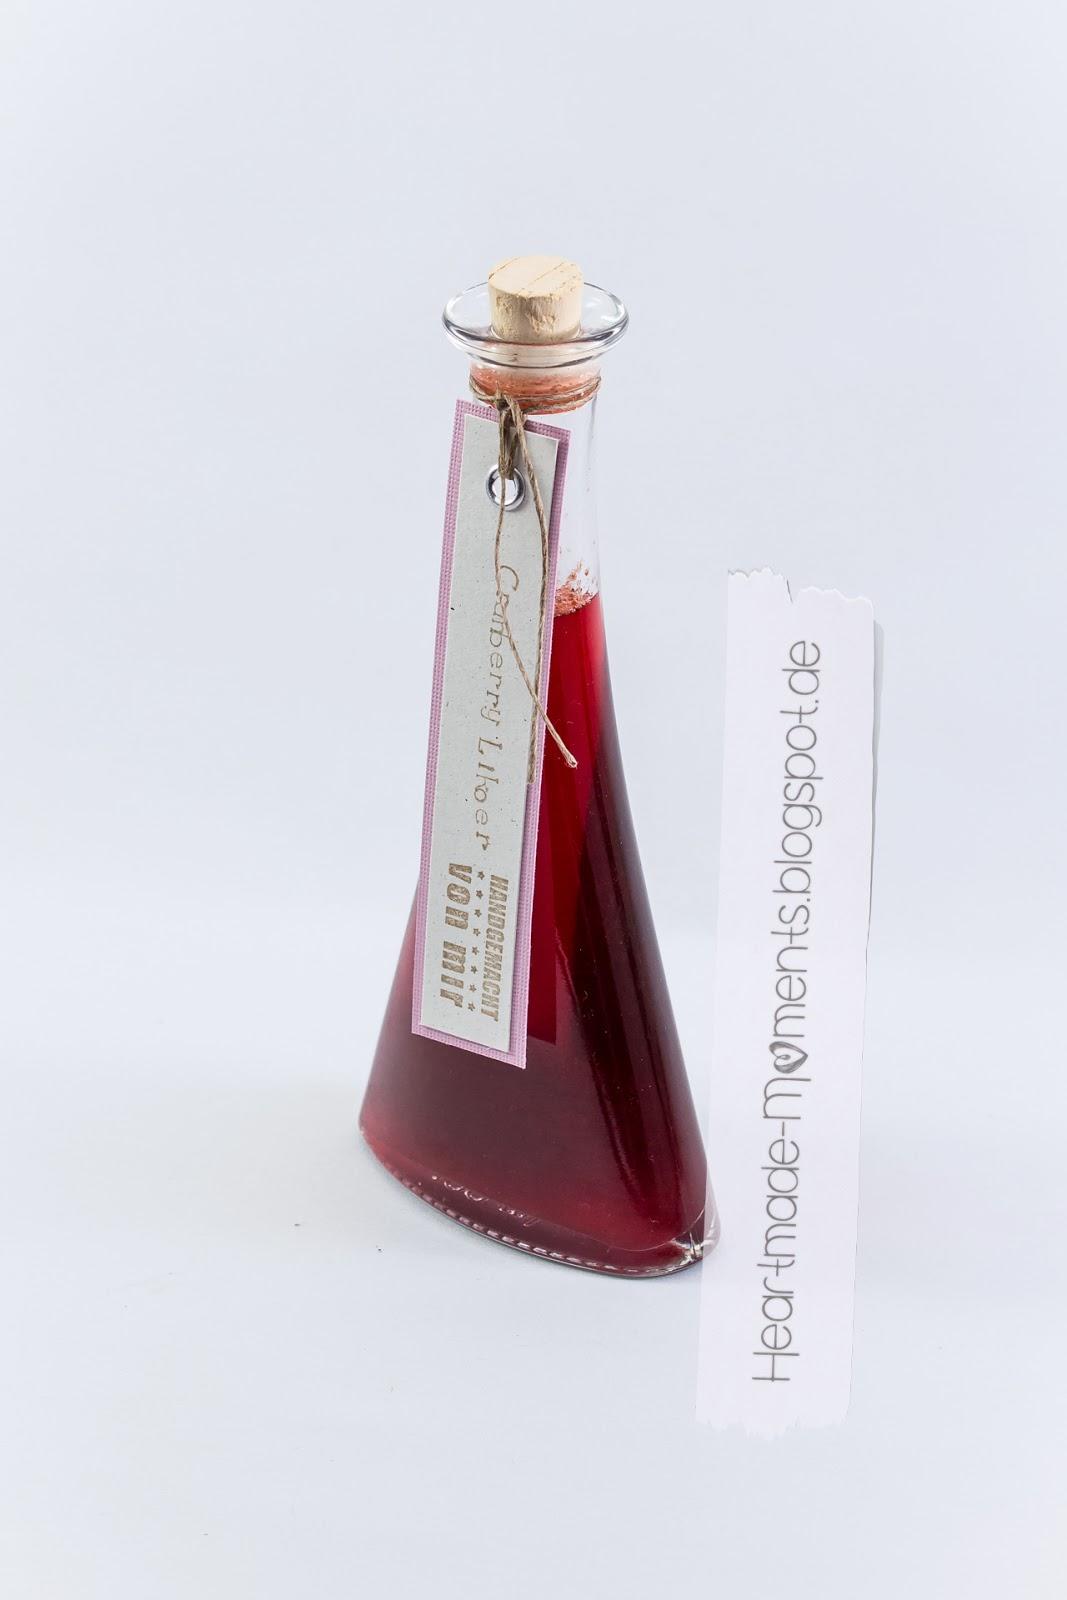 Cranberry Likör